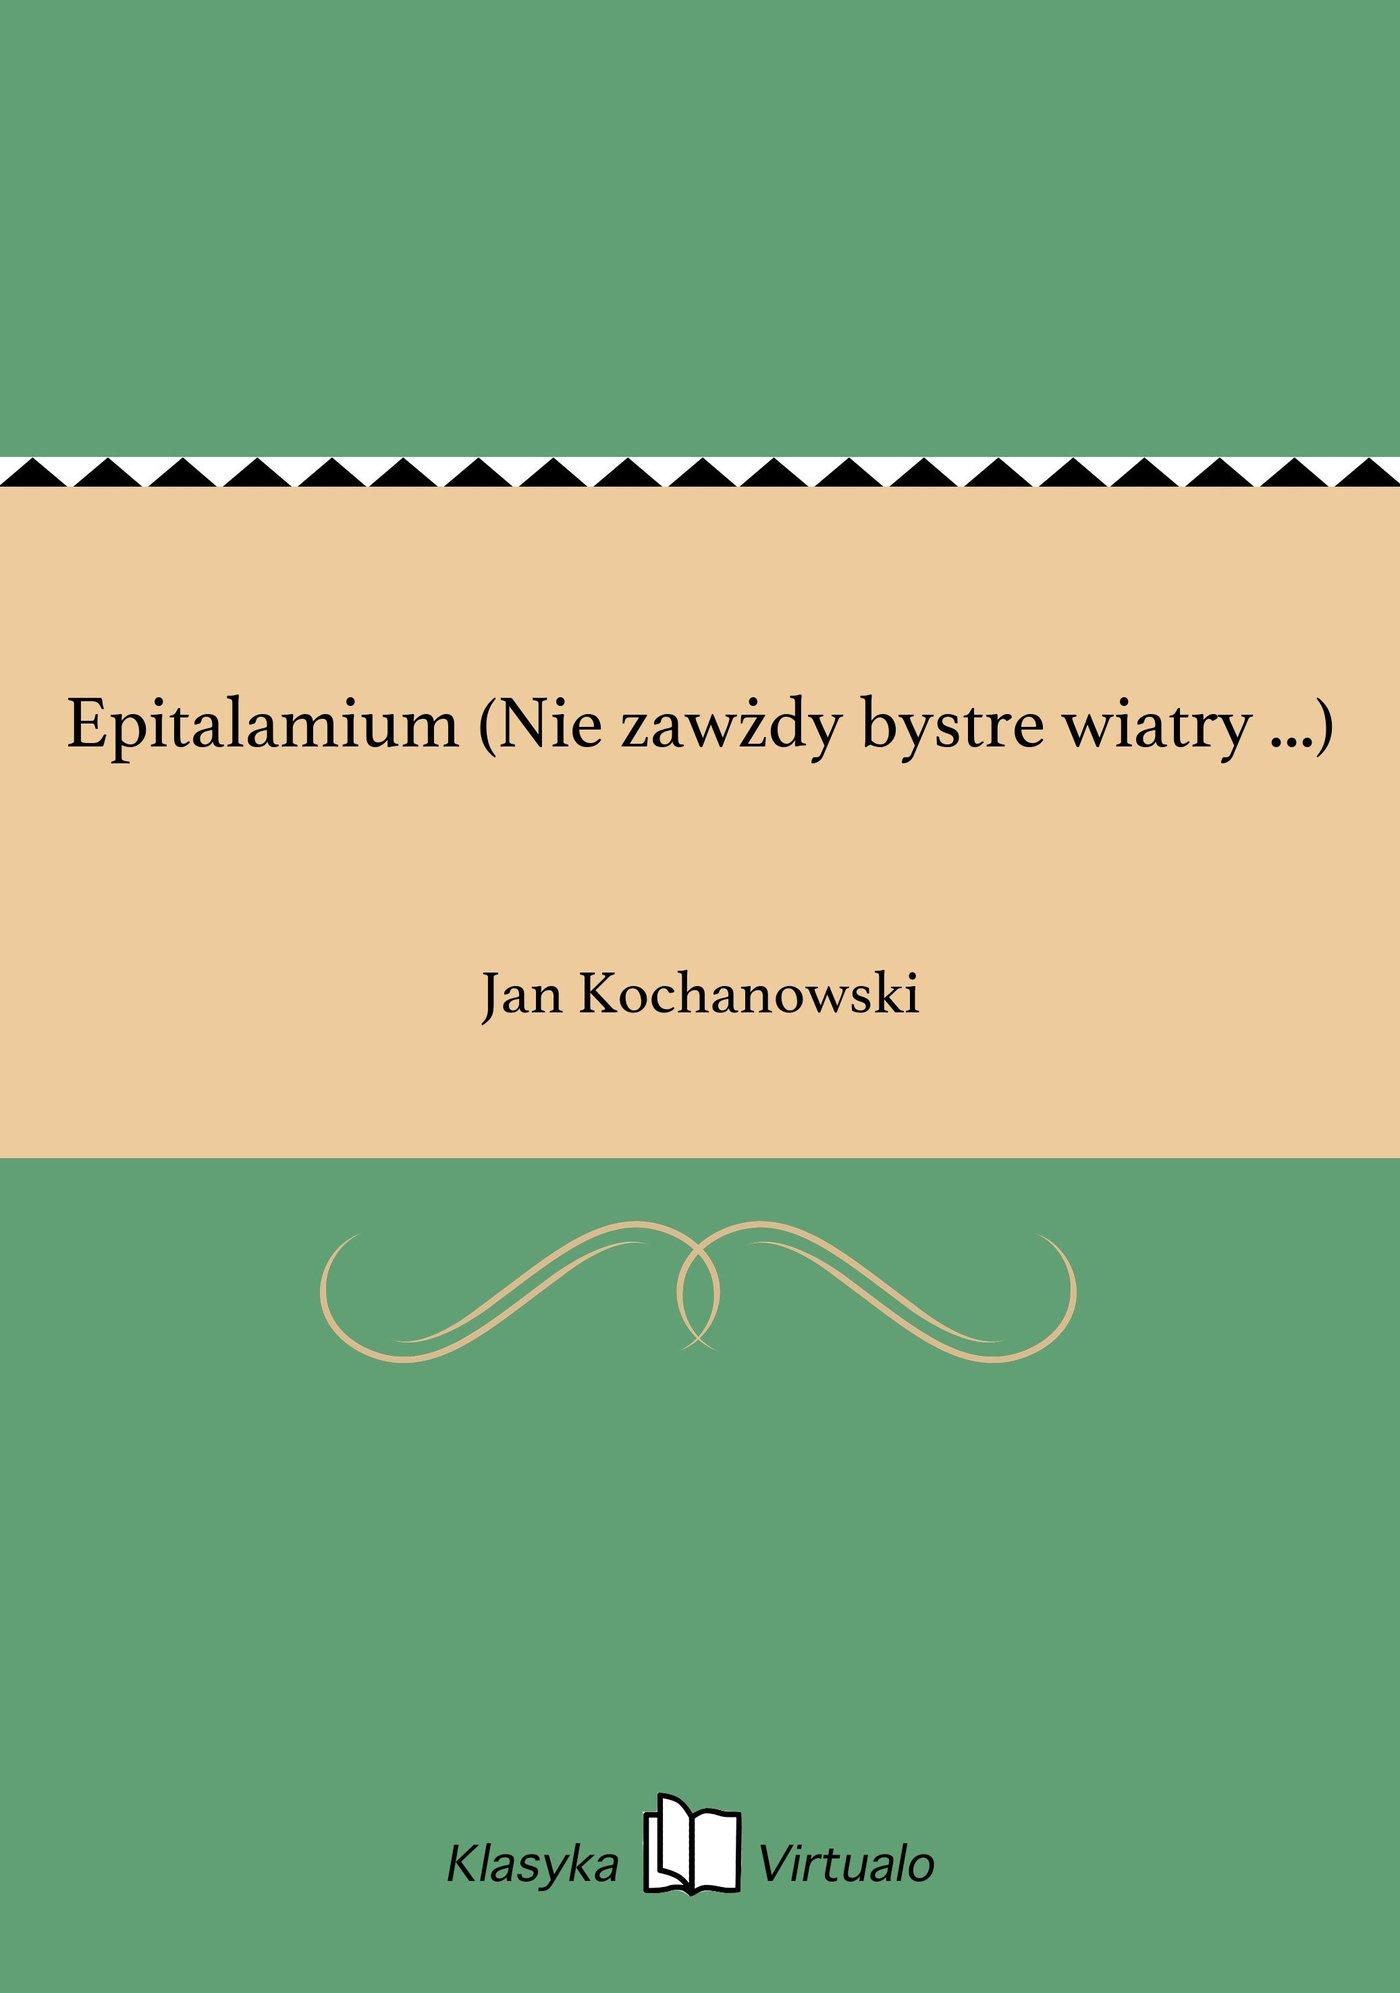 Epitalamium (Nie zawżdy bystre wiatry ...) - Ebook (Książka EPUB) do pobrania w formacie EPUB